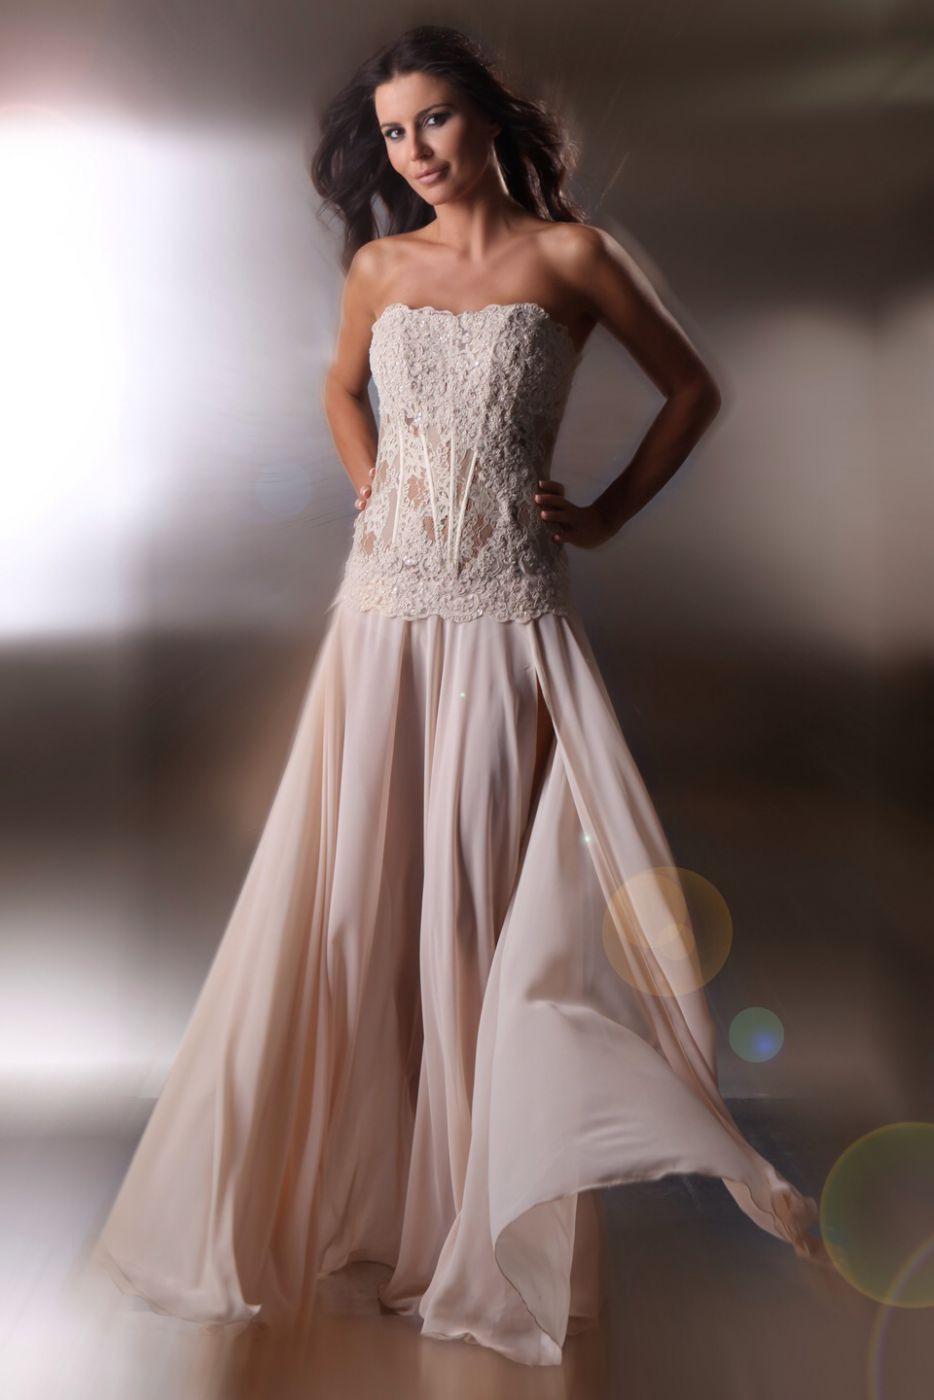 13 Genial Designer Abendkleid Vertrieb15 Cool Designer Abendkleid Bester Preis